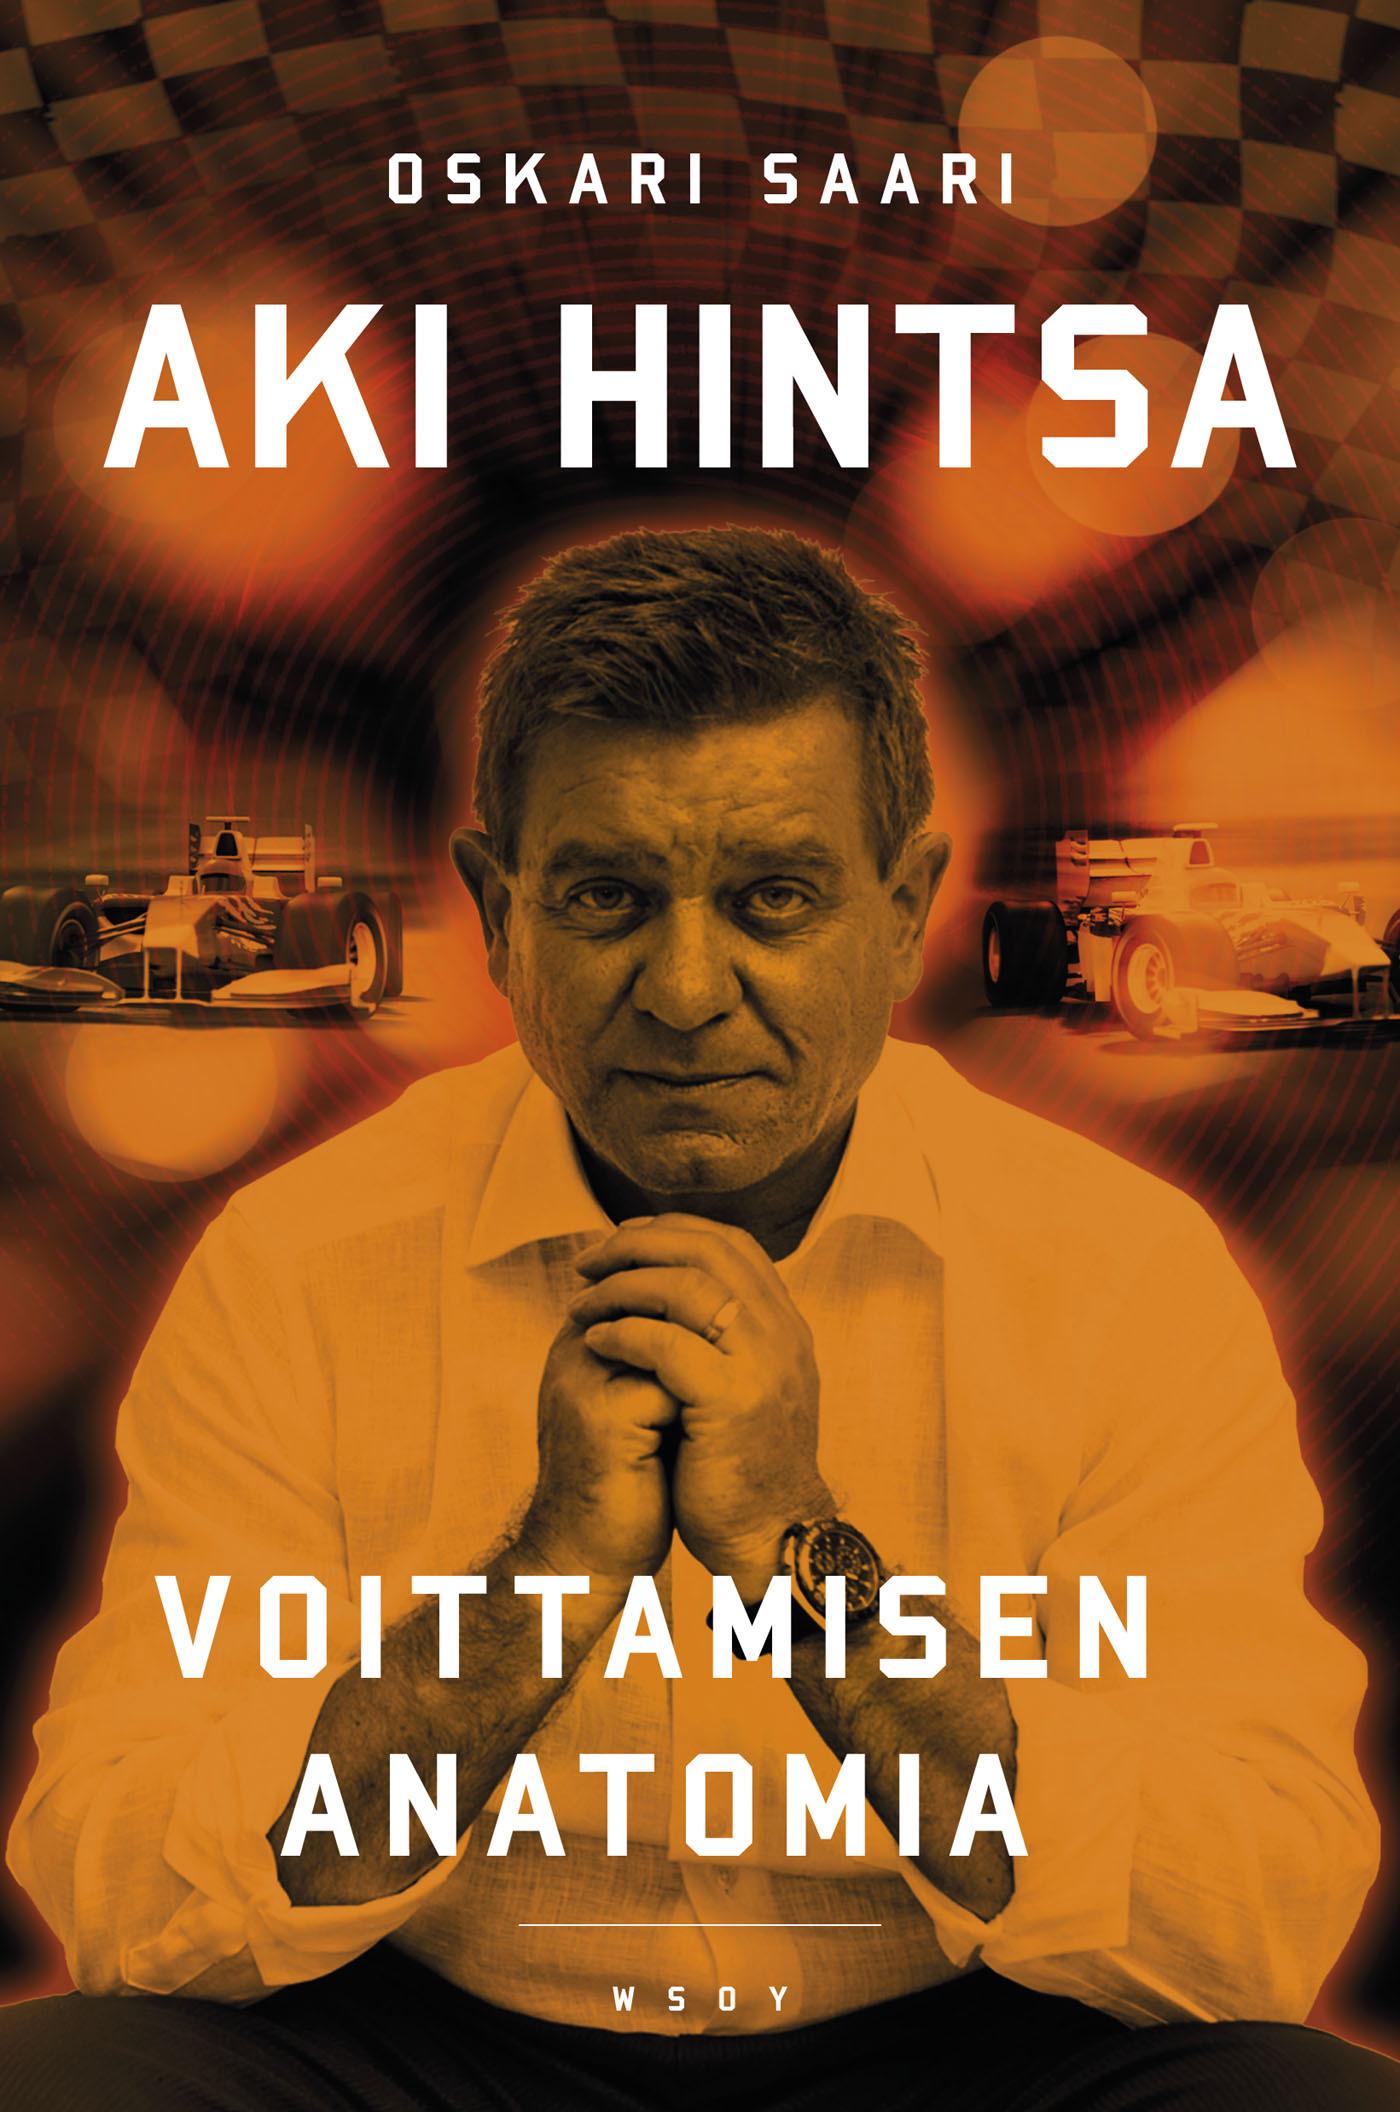 Saari, Oskari - Aki Hintsa - Voittamisen anatomia, e-kirja